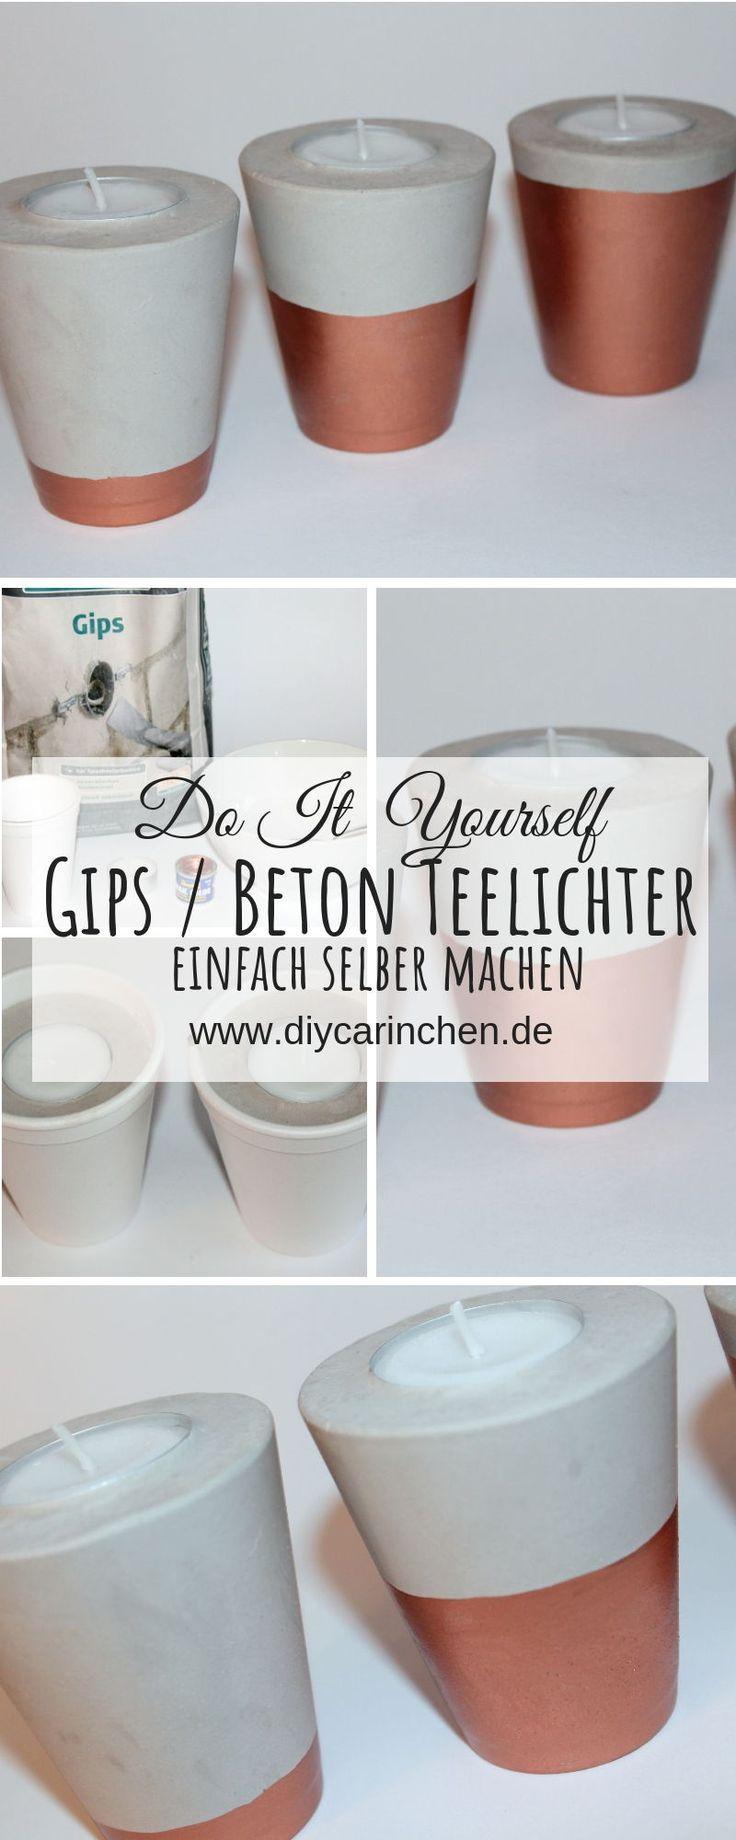 DIY Gips / Beton Teelichter in Kupfer schnell und einfach selber machen